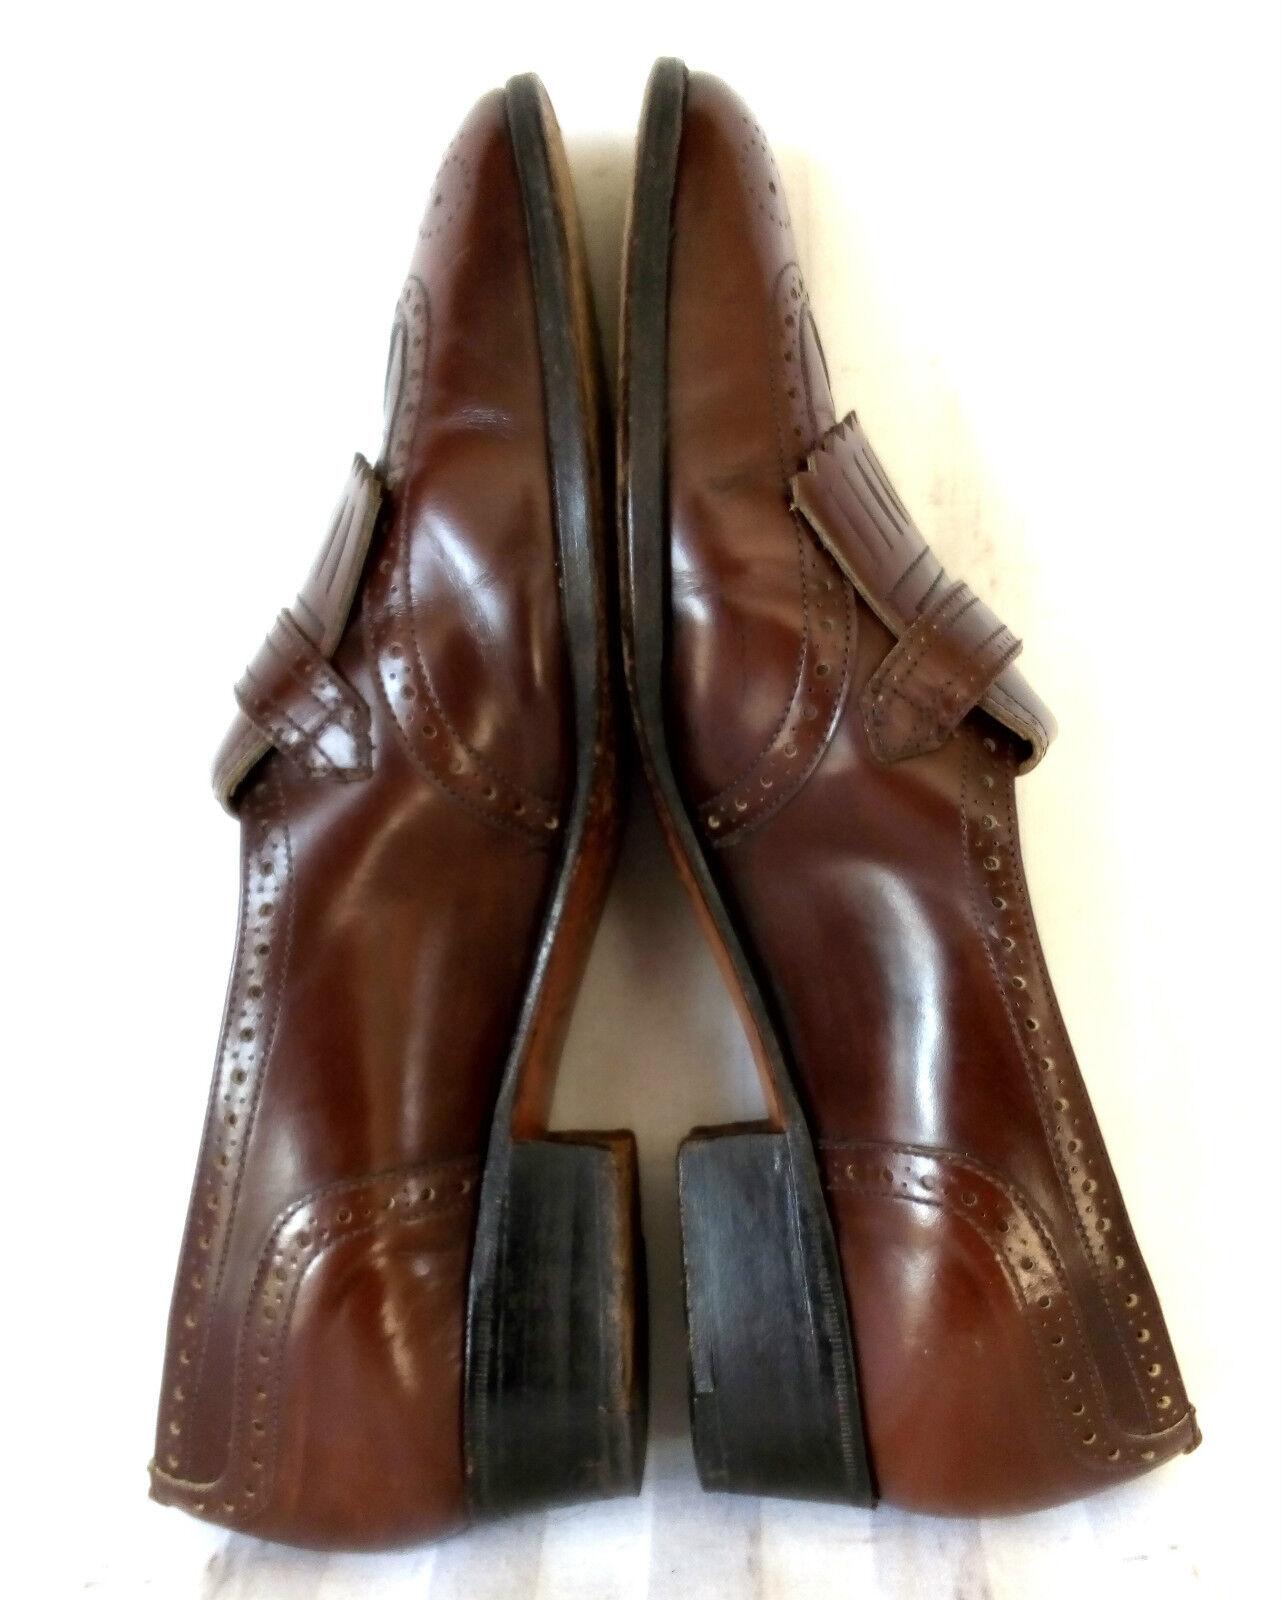 Church's elegante salón loafer zapatos zapatos zapatos señora de cuero marrón 75 B aprox. 37,5 top rareza d77de7